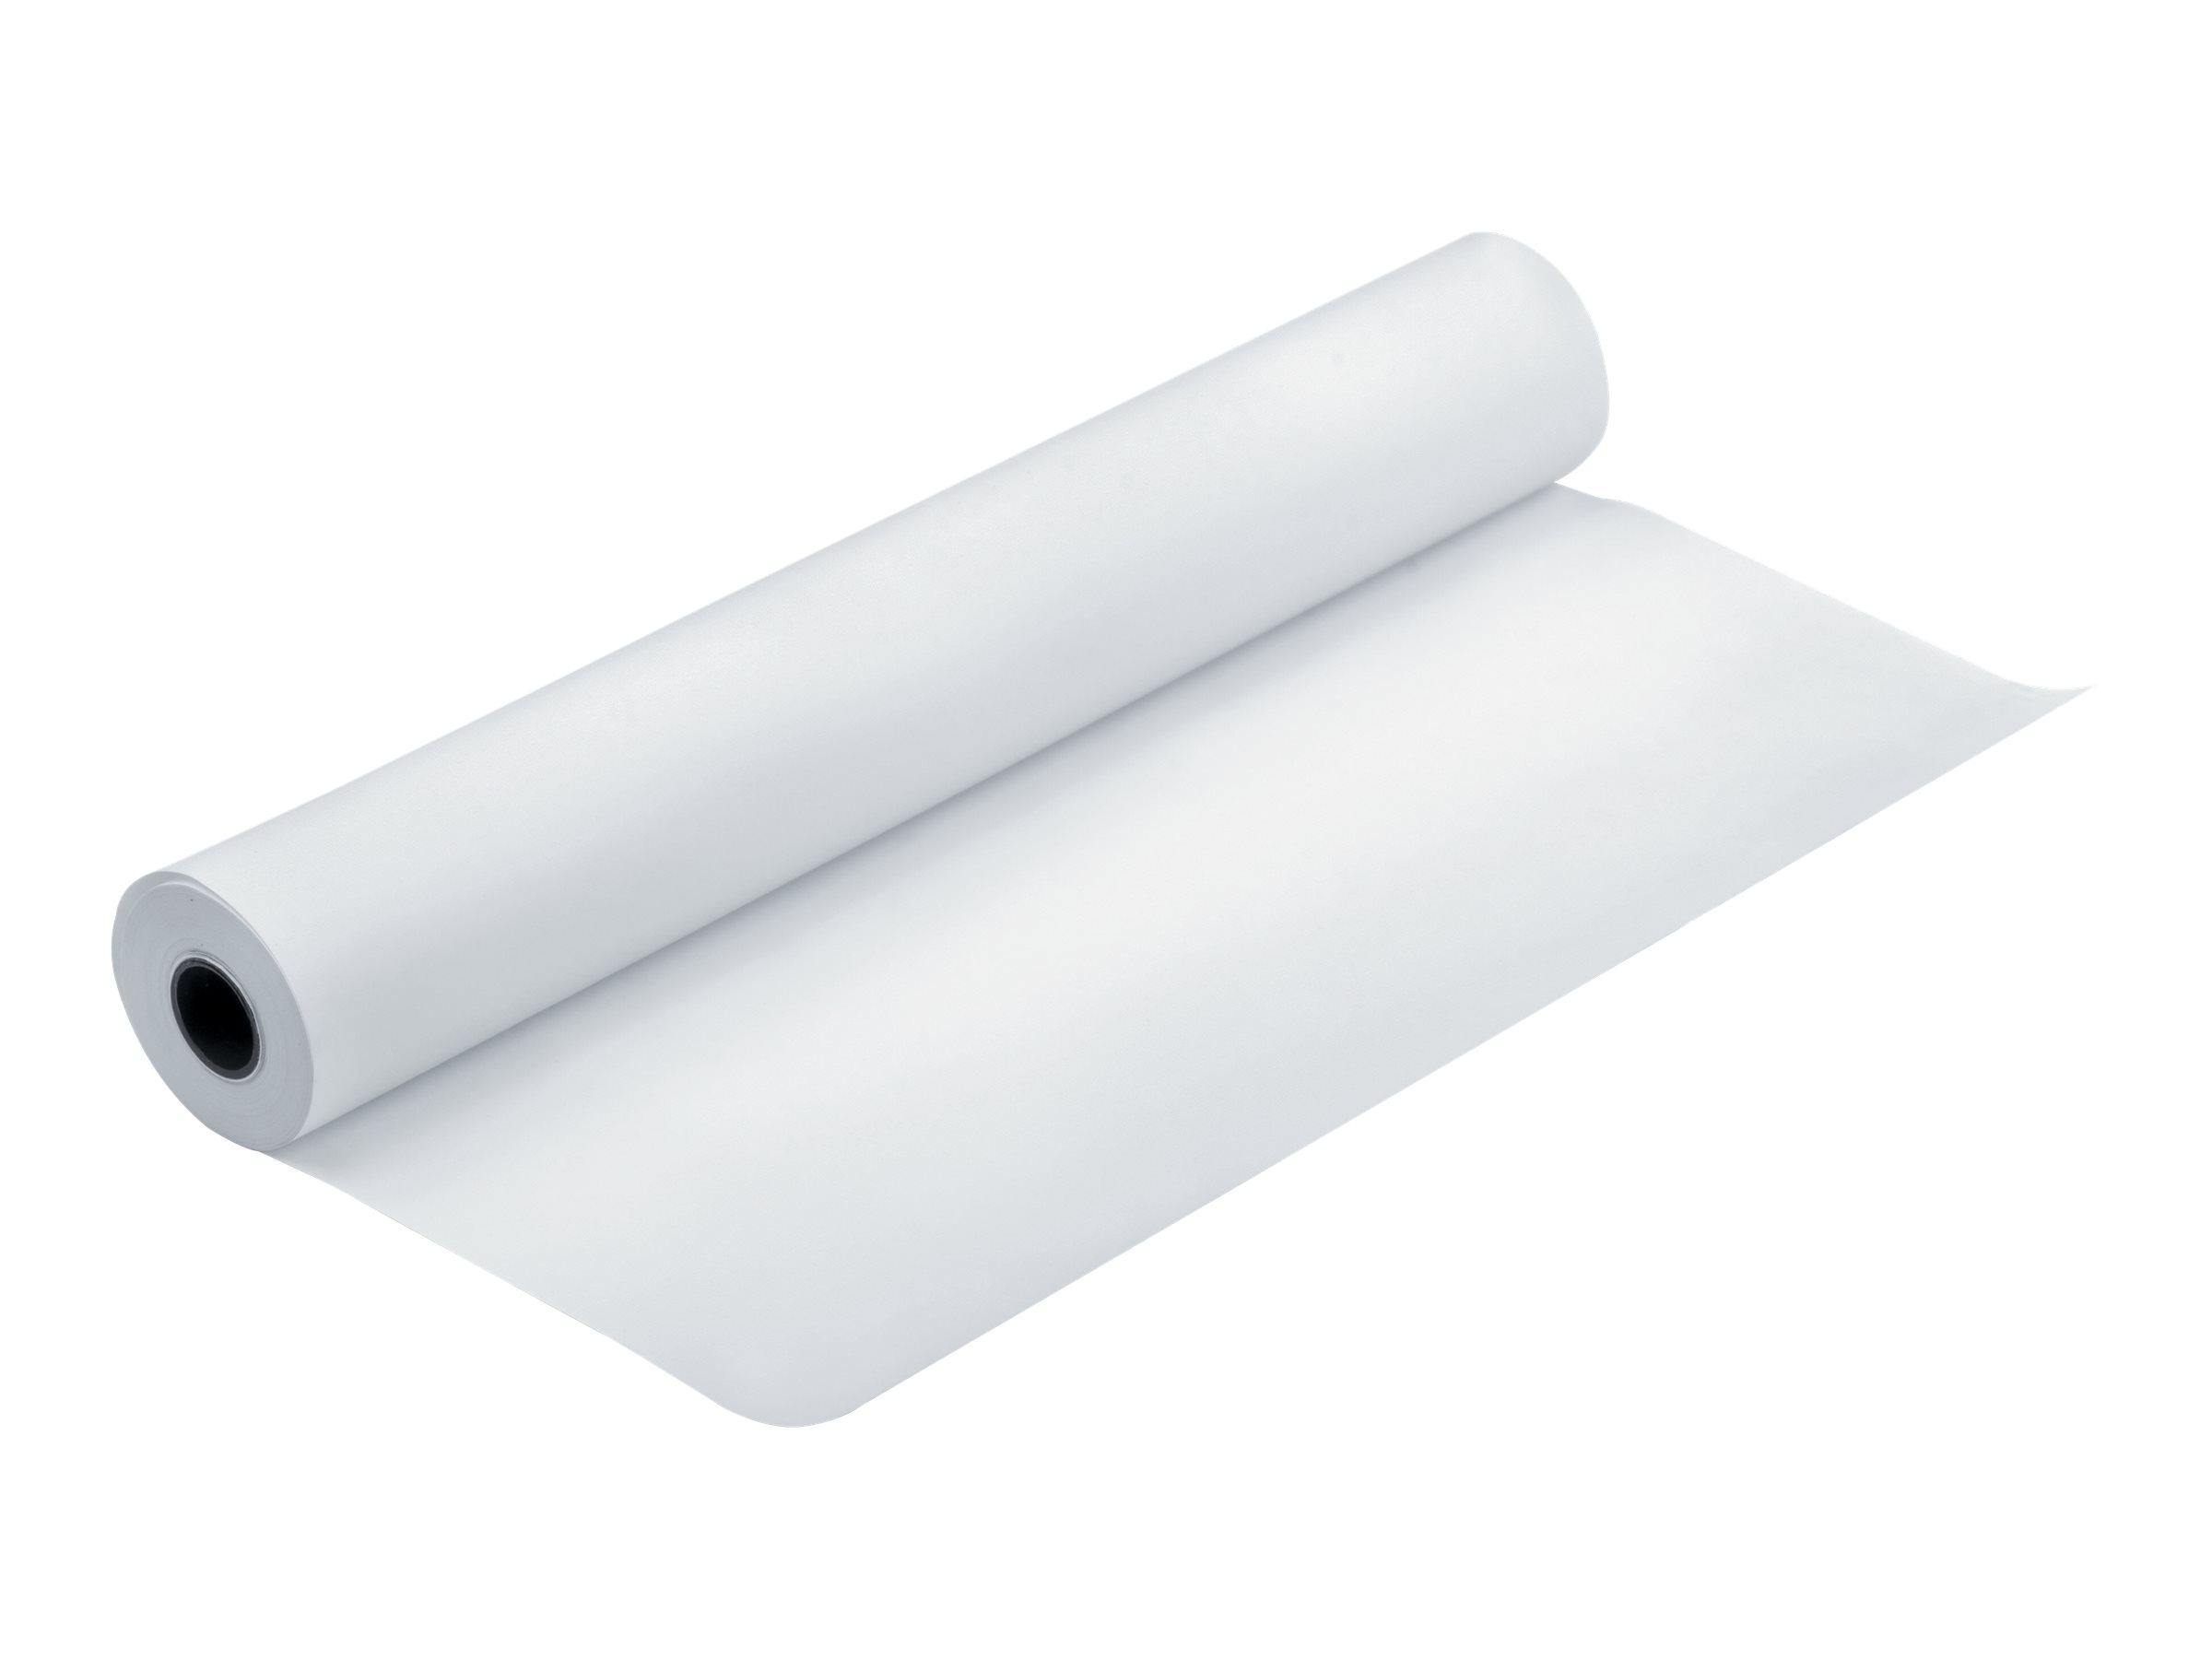 Epson Premium Luster Photo Paper (260) - Glanz - Rolle (30 cm x 30,5 m) 1 Rolle(n) Fotopapier - für SureColor P5000, P800, SC-P1